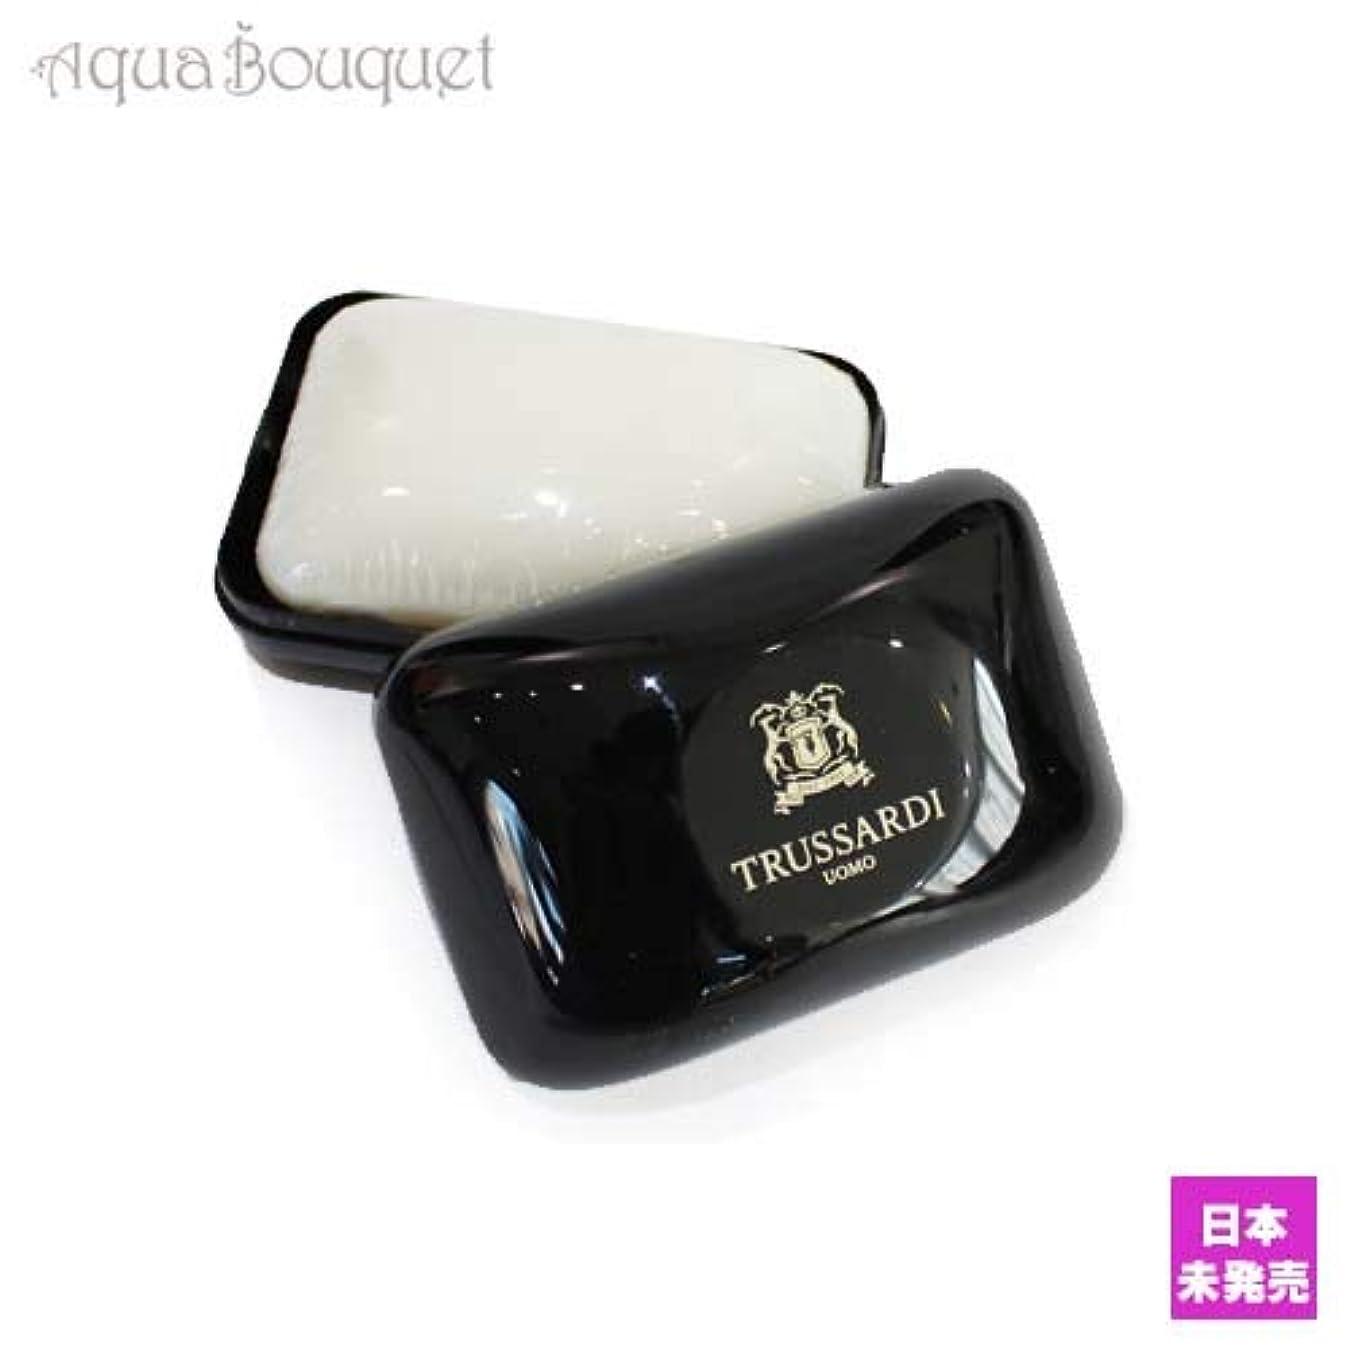 ディレイ再生的シャッタートラサルディ ウォモ ソープ 100g(ケース付き)TRUSSARDI UOMO SOAP [7216] [並行輸入品]